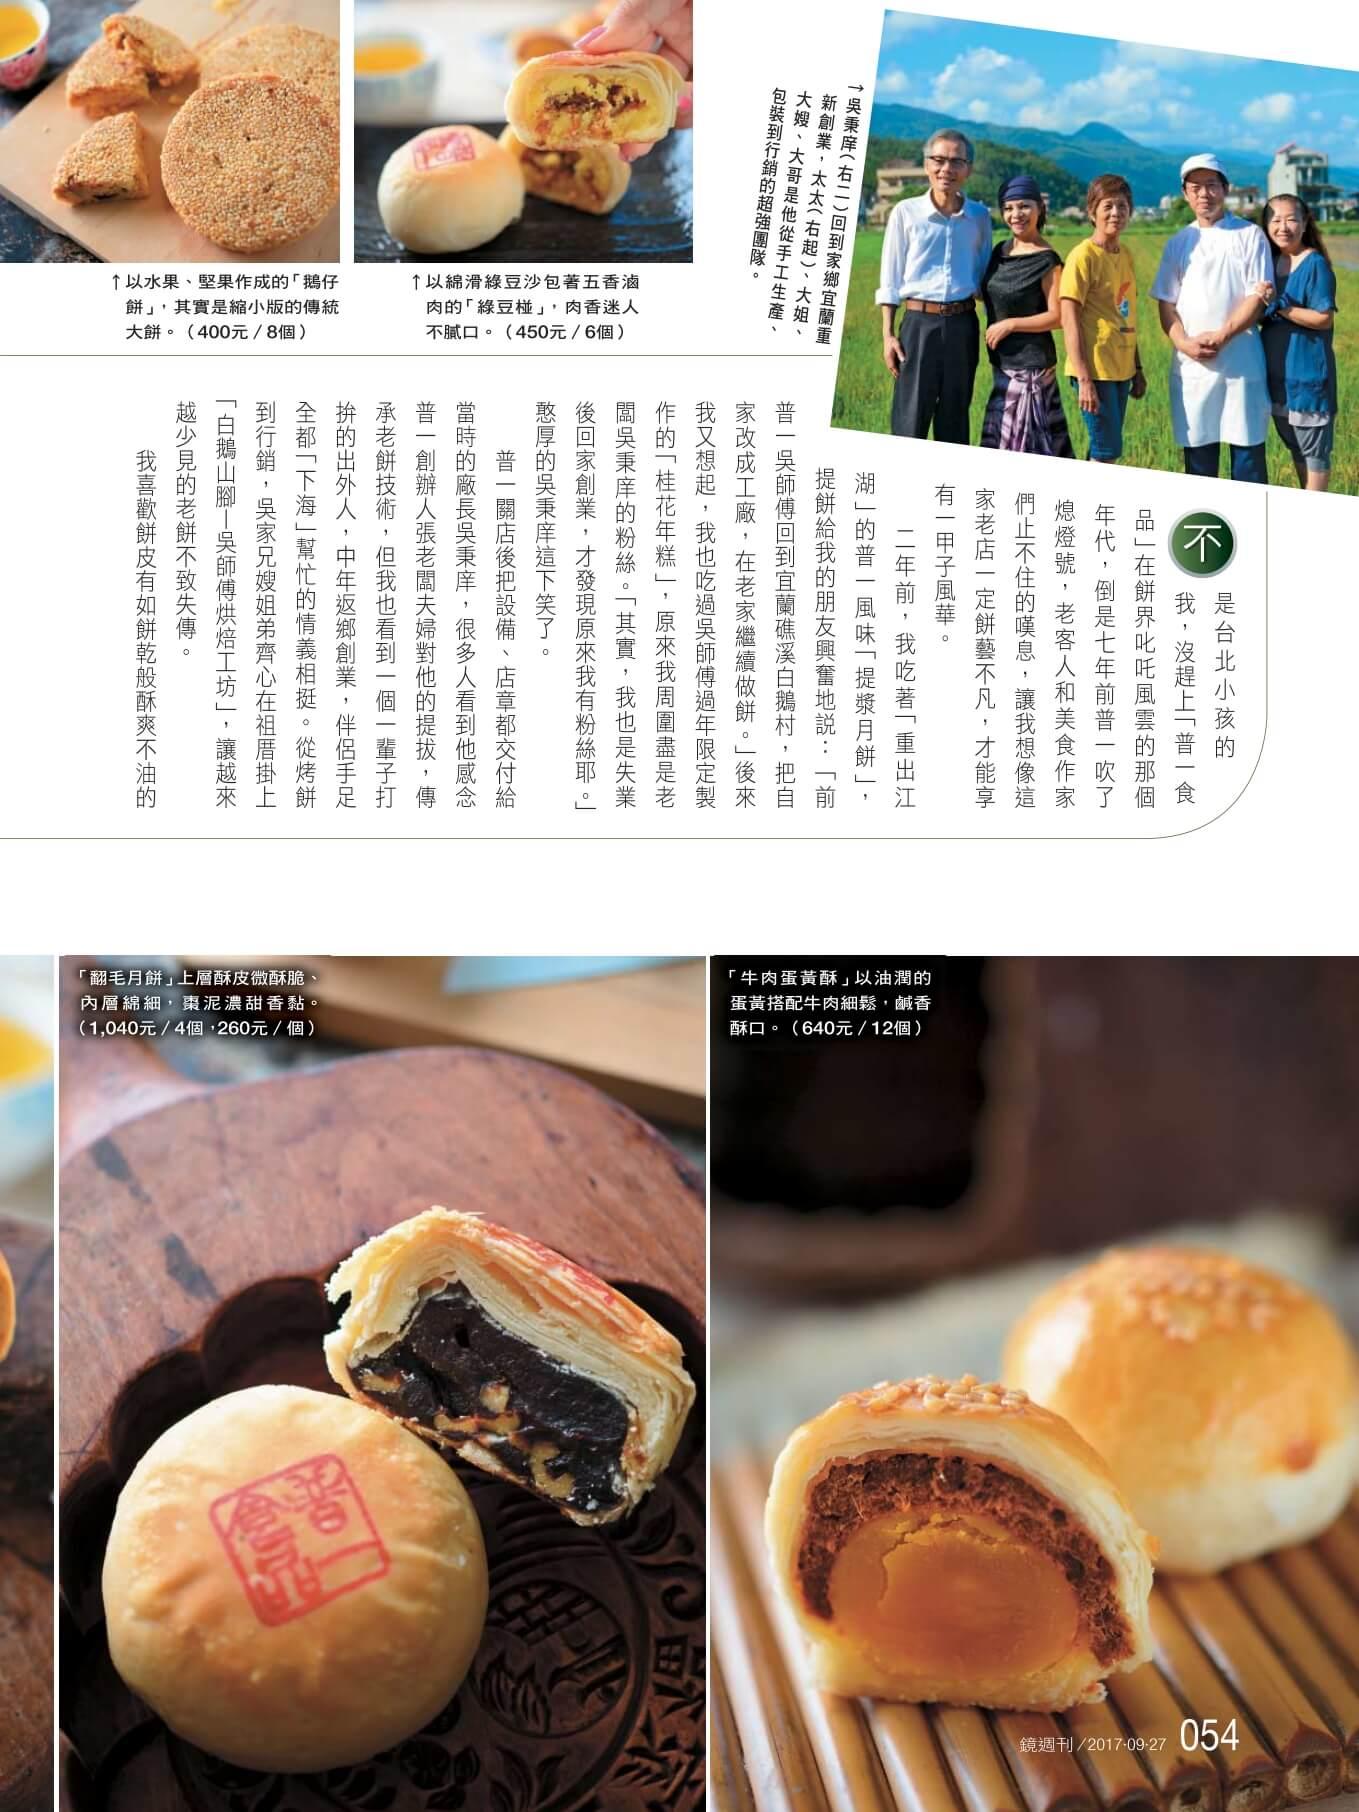 鏡週刊第52期_老糕餅